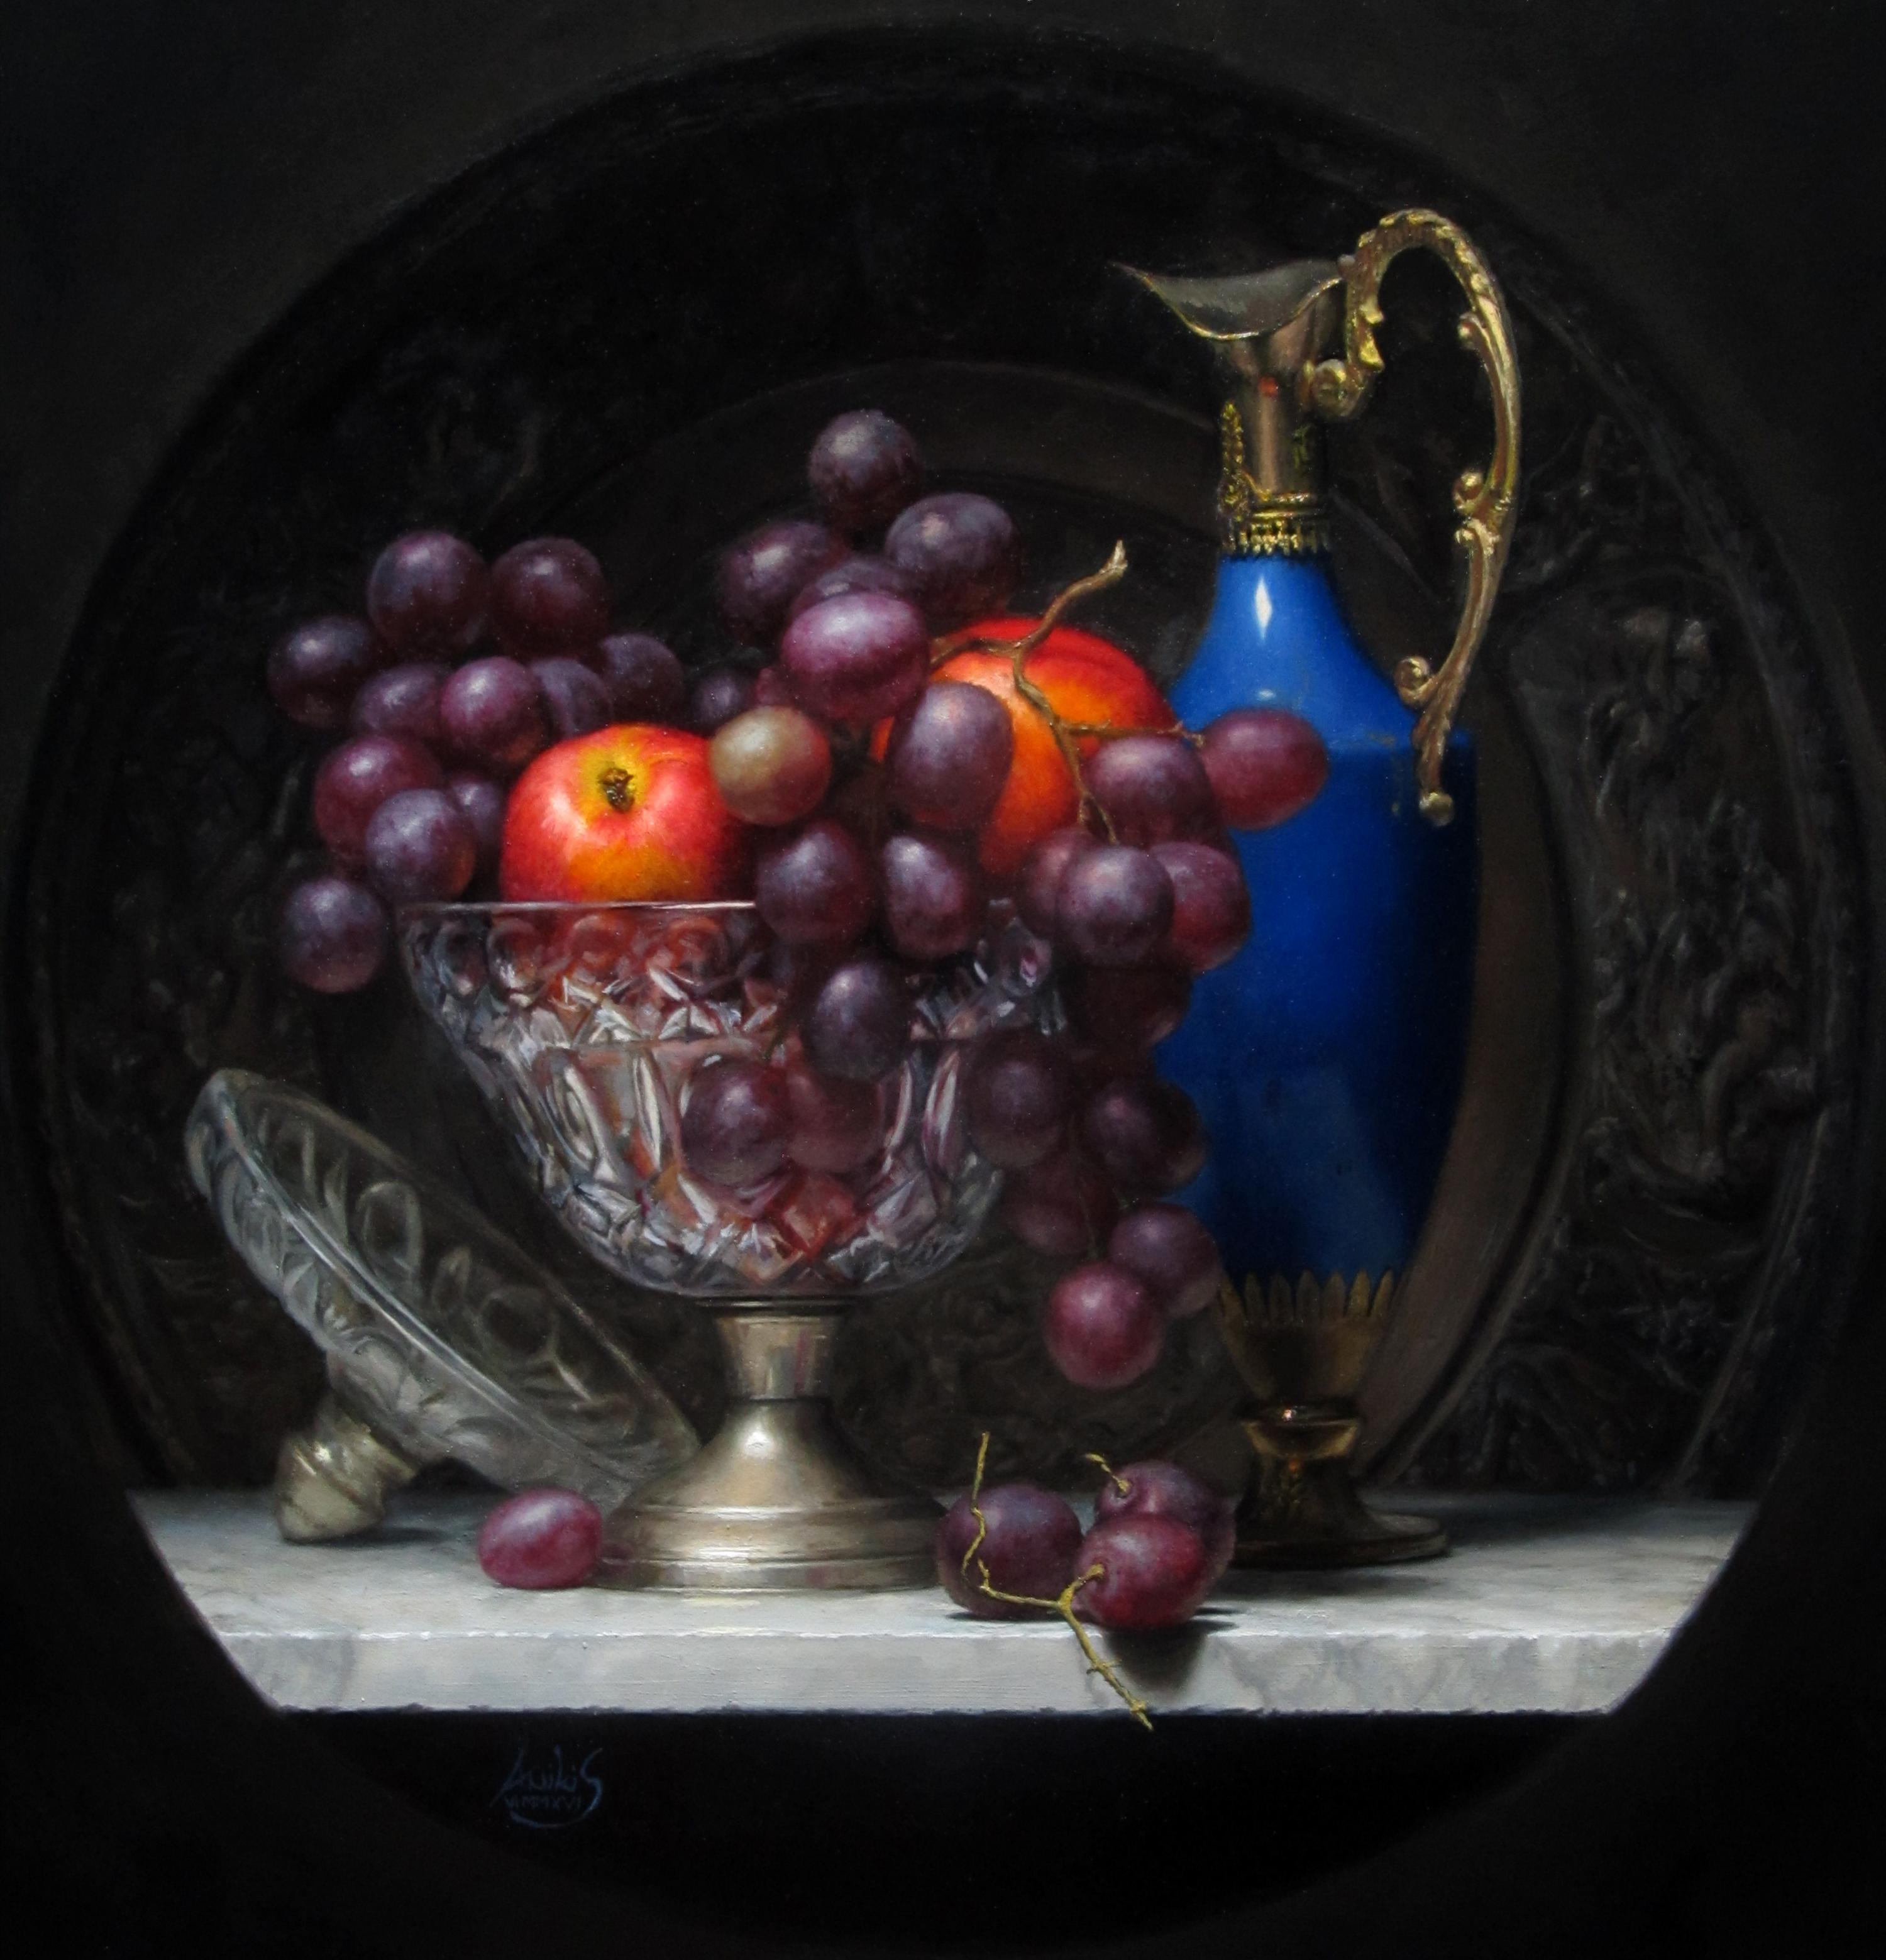 Nik Anikis, Eternal Fruit, oil on canvas, 50x50